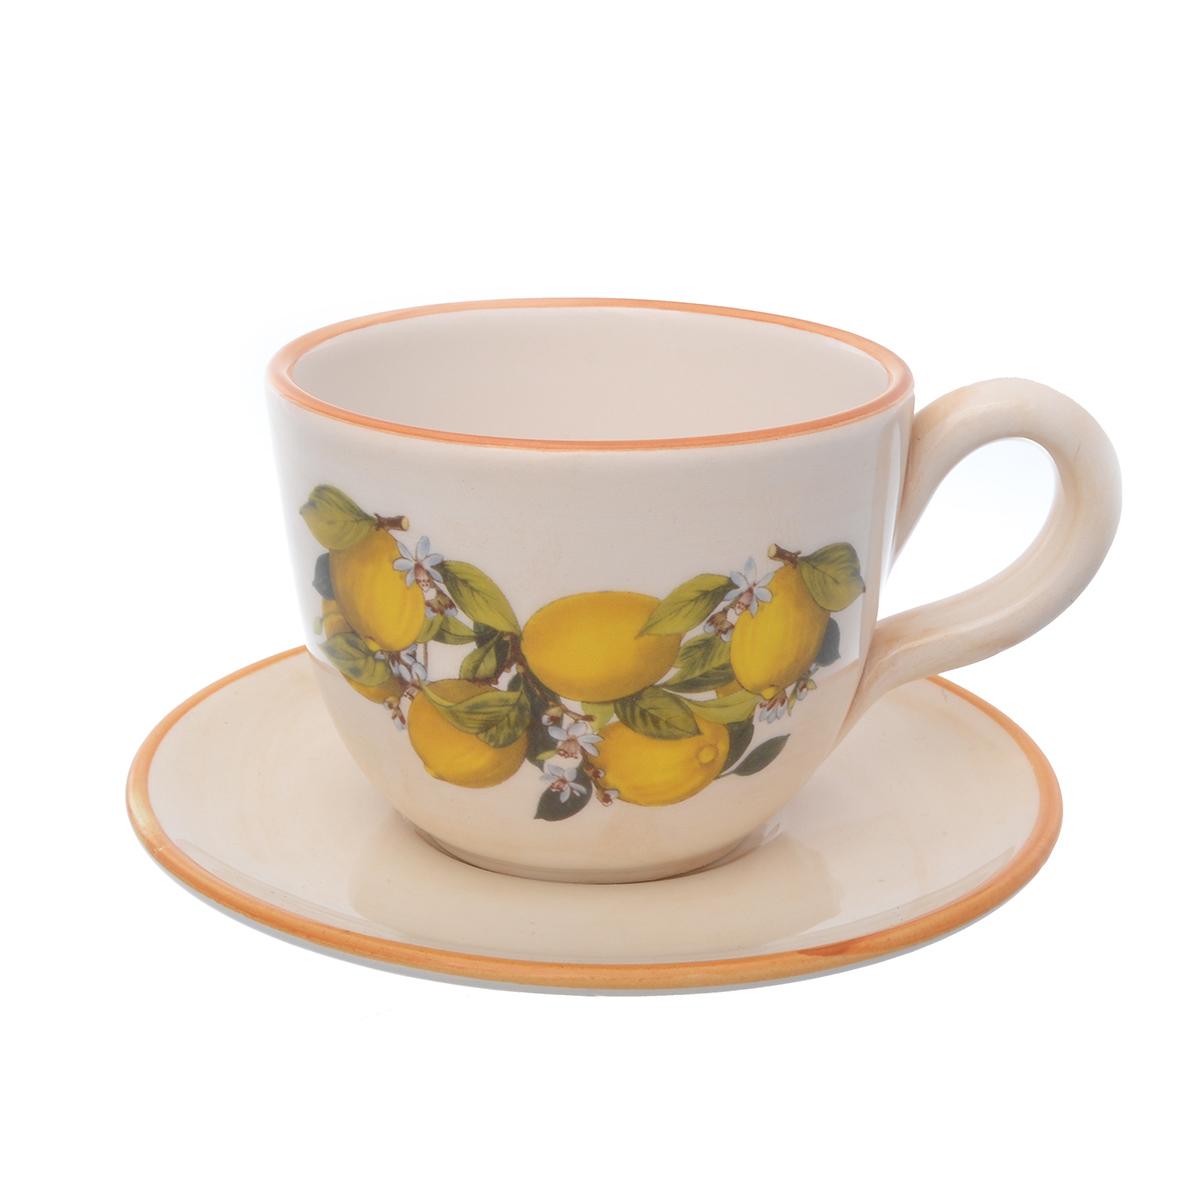 Чайная пара лимоны (lcs) бежевый